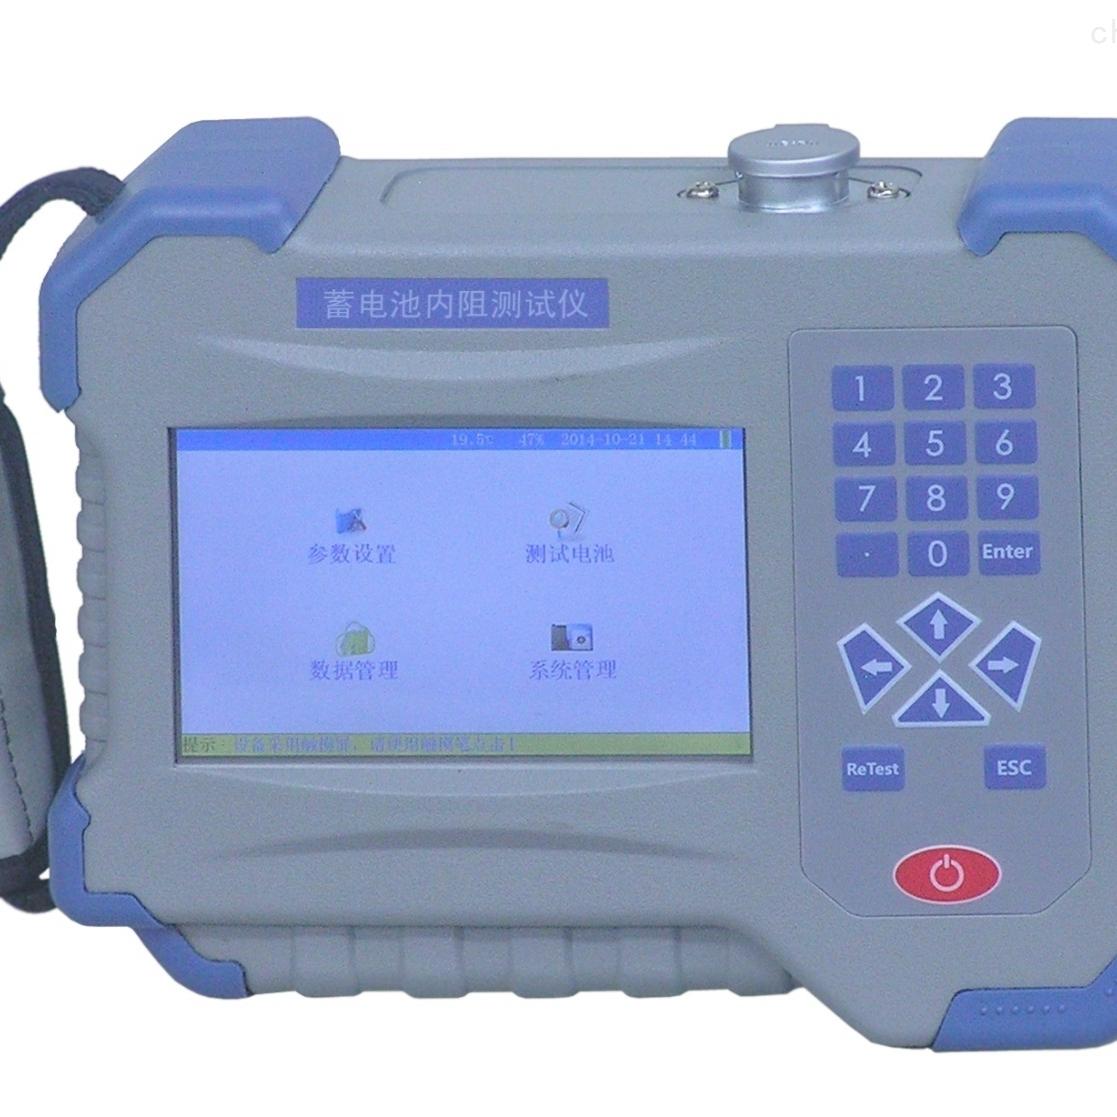 彩色触摸屏蓄电池内阻测试仪